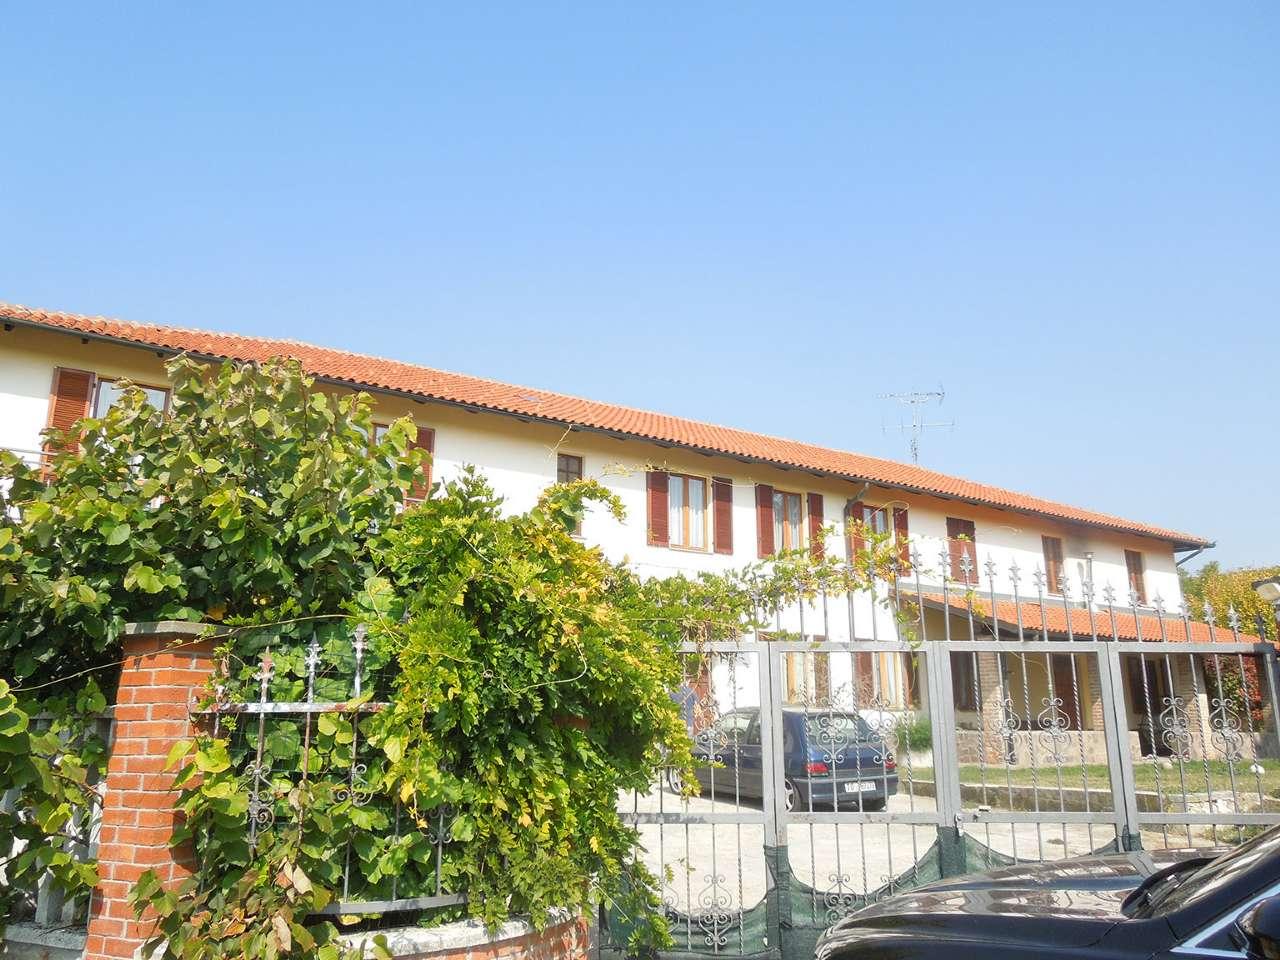 Foto 1 di Villa Regione Italiana 7, frazione Italiana, San Marzano Oliveto